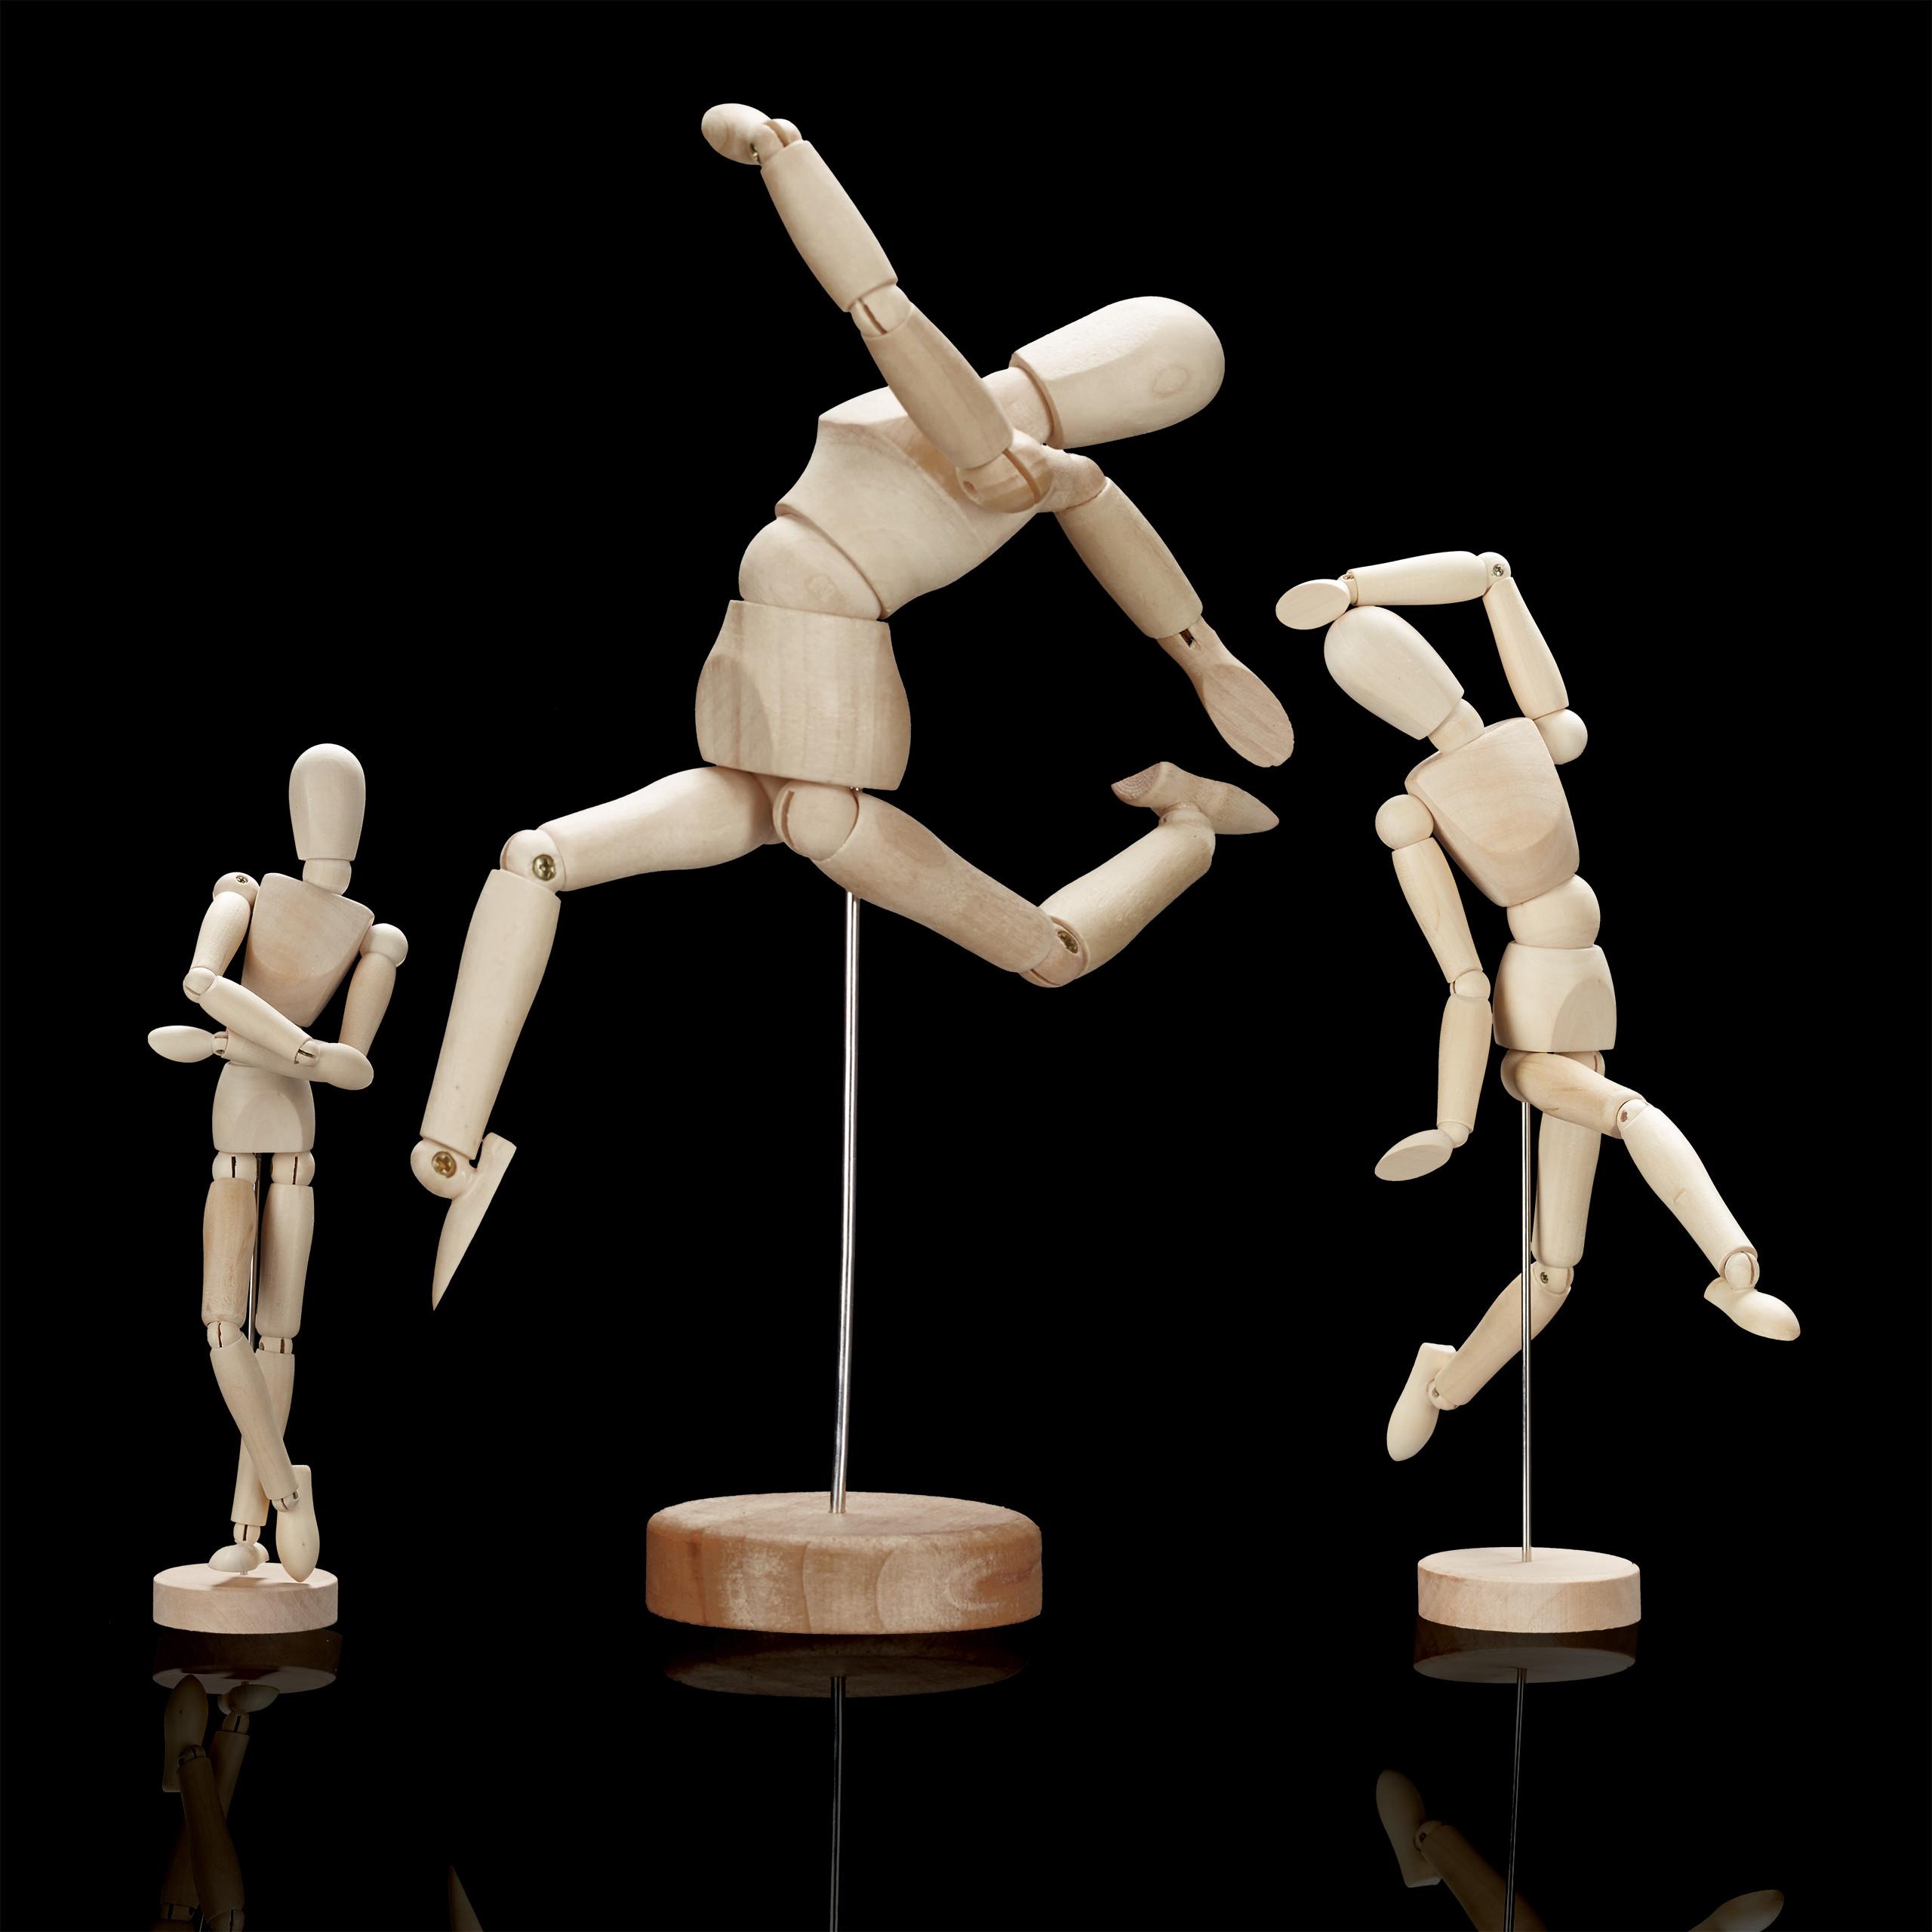 Gliederpuppe-Malhilfe-Malfigur-Holzpuppe-Modellpuppe-Zeichenpuppe-Gelenkpuppe Indexbild 14